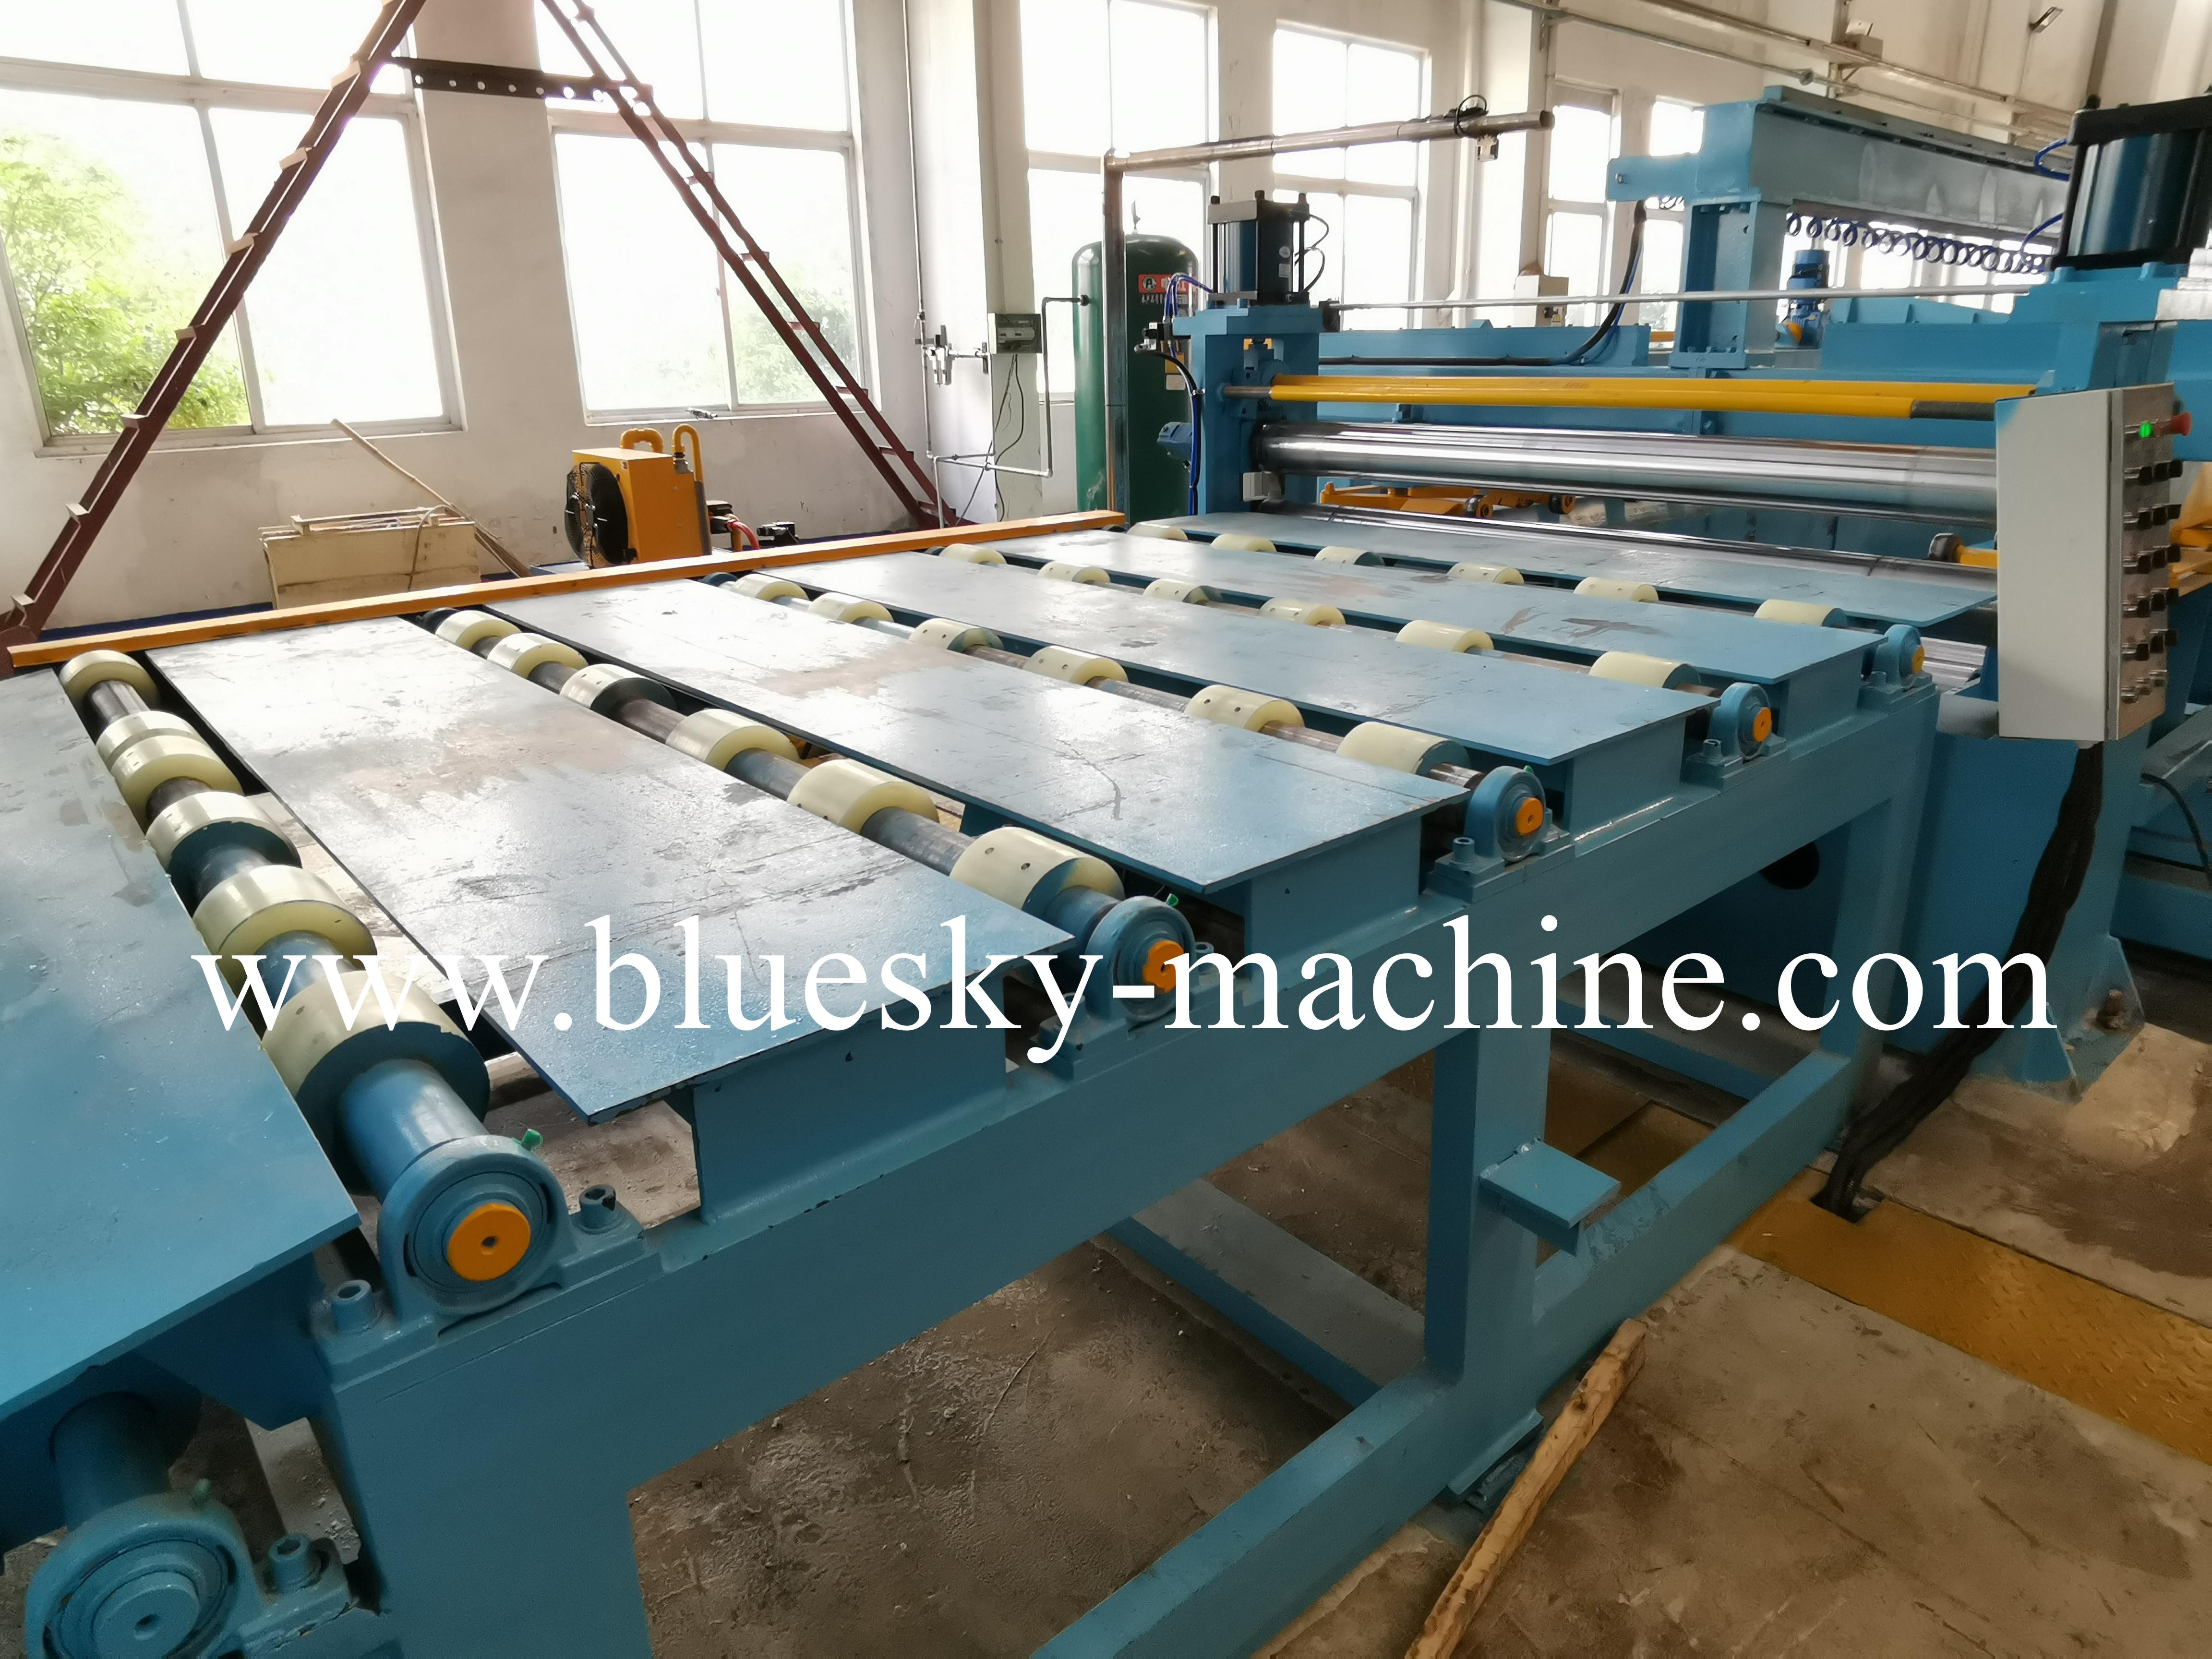 13.Conveyor